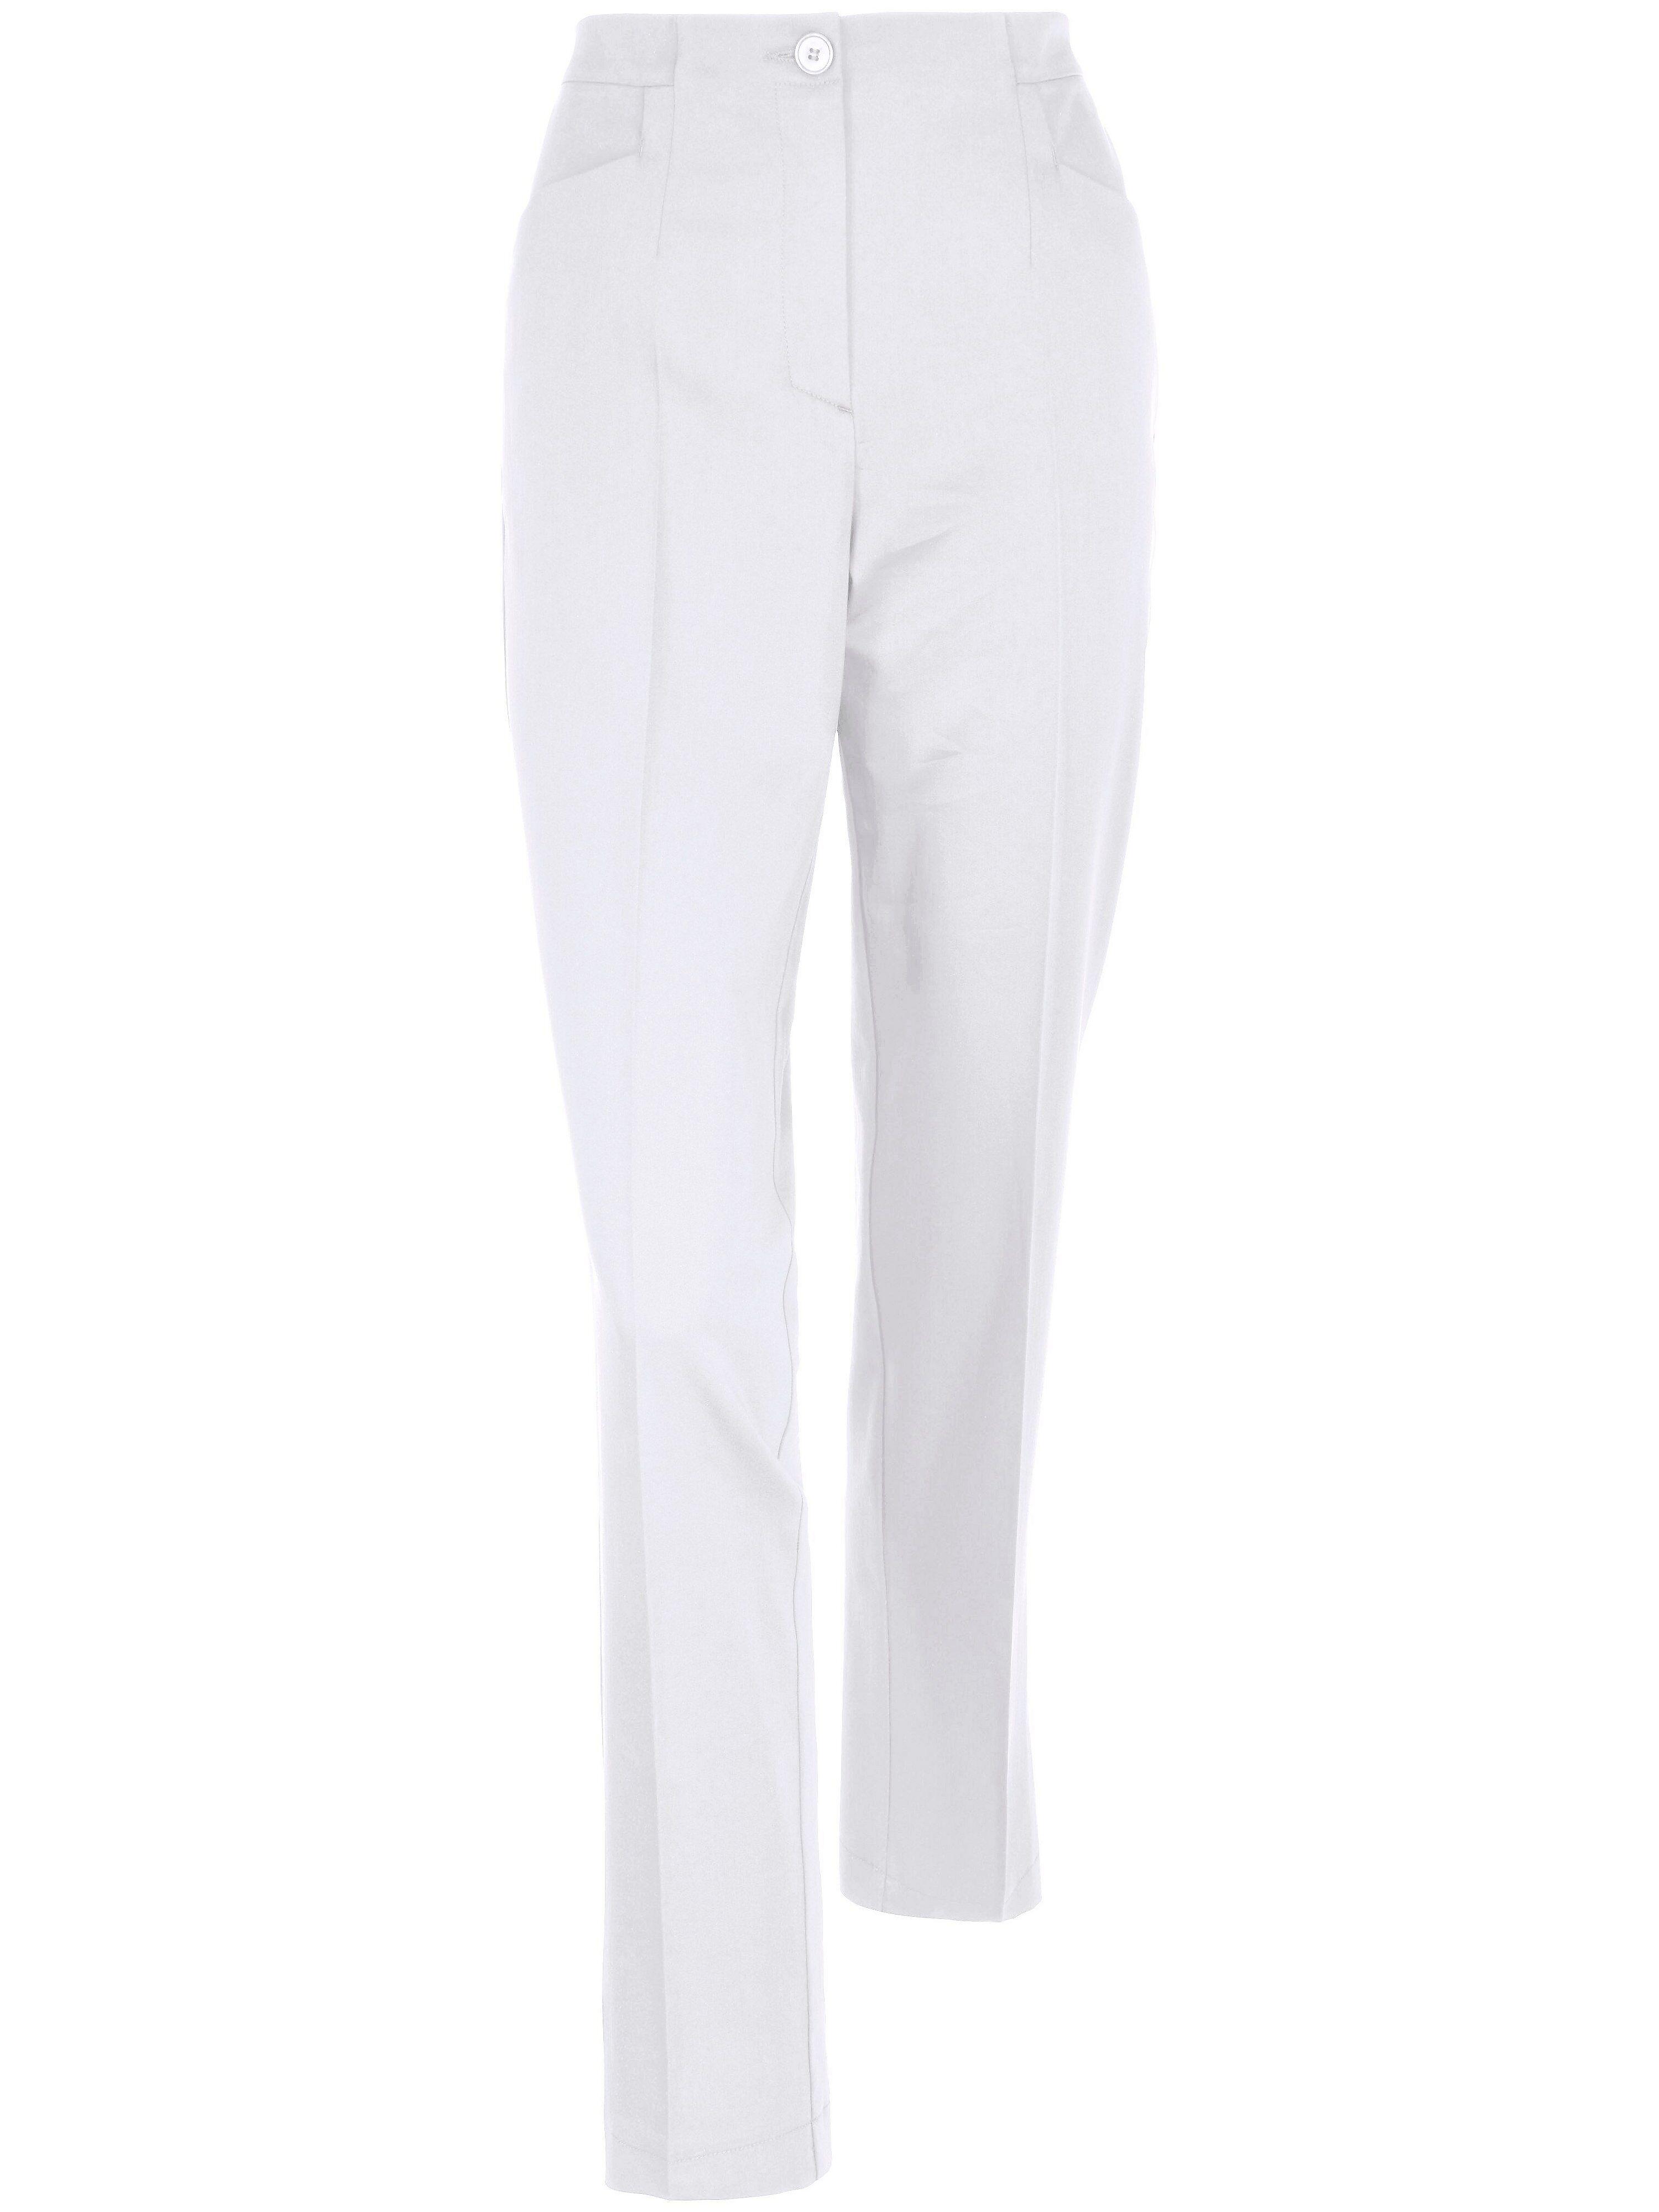 Peter Hahn Le pantalon facile d'entretien  Peter Hahn blanc  - Femme - 19